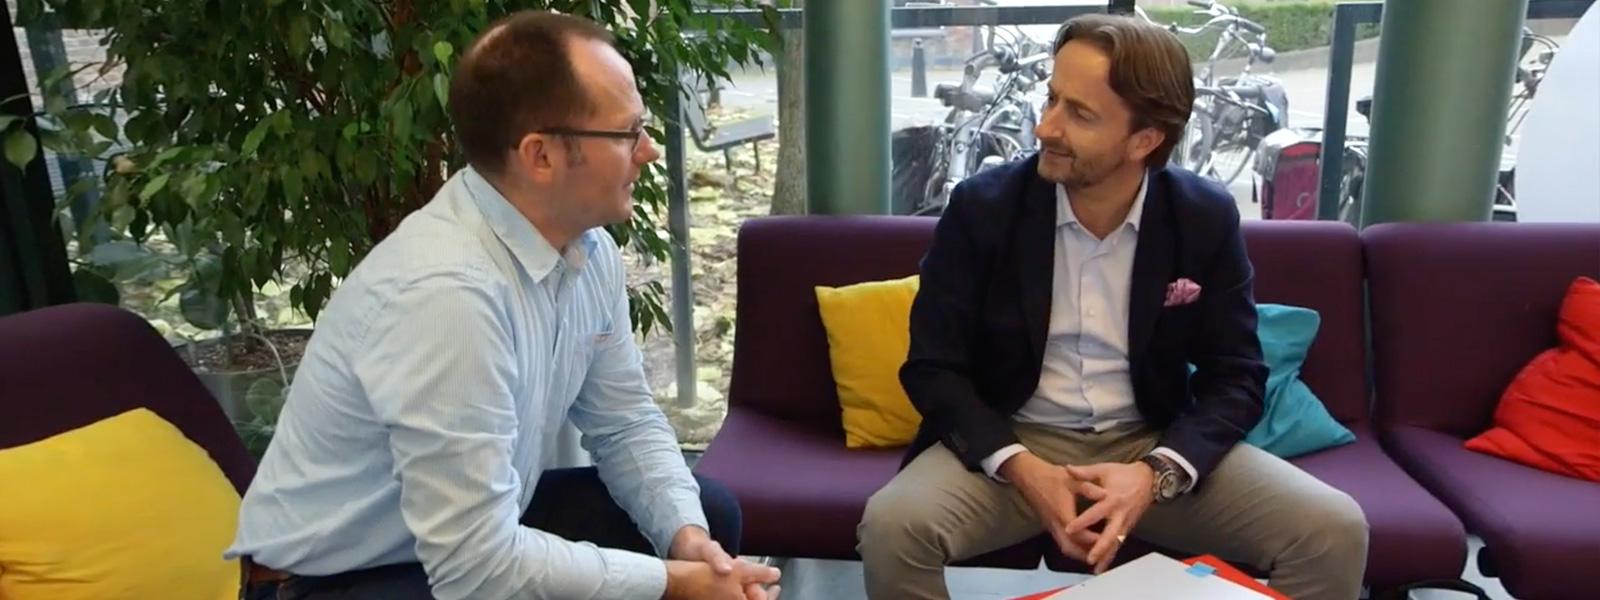 Afbeelding van Wijkracht uit video